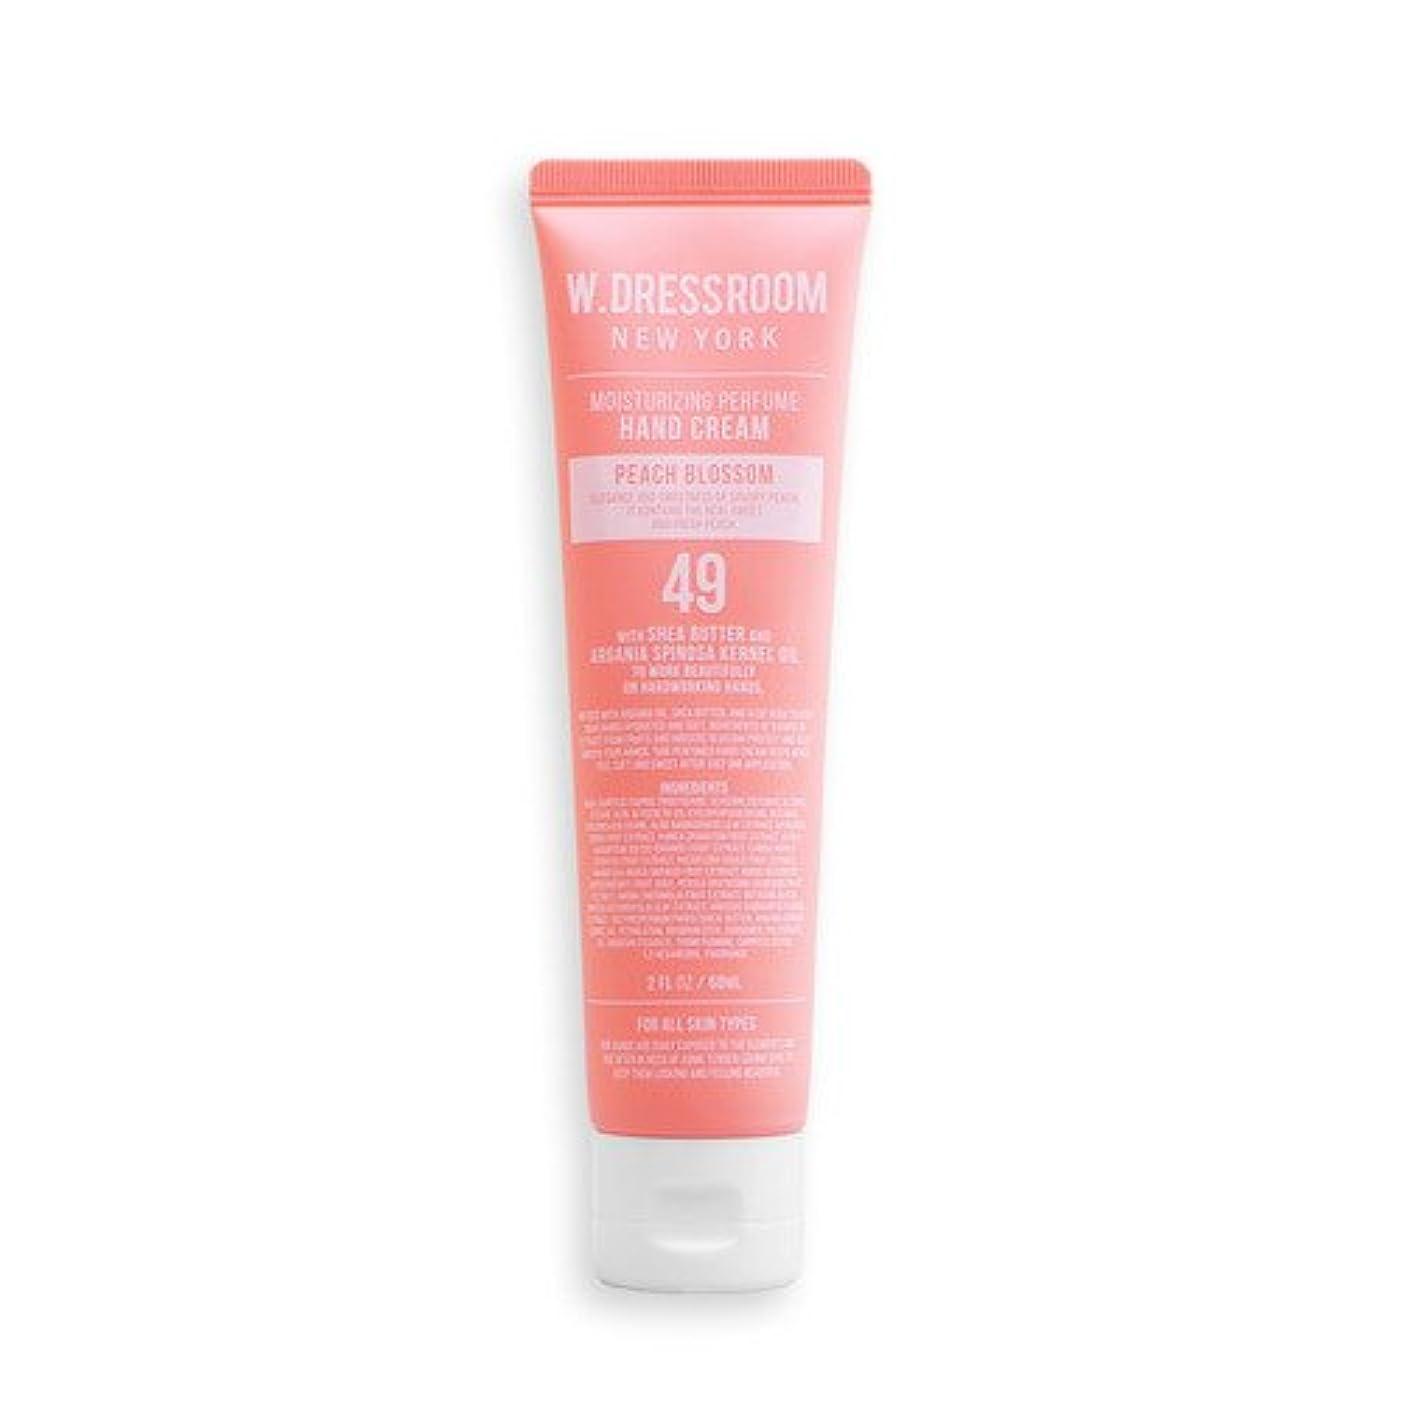 飼料同等の六月W.DRESSROOM Moisturizing Perfume Hand Cream 60ml/ダブルドレスルーム モイスチャライジング パフューム ハンドクリーム 60ml (#No.49 Peach Blossom) [並行輸入品]